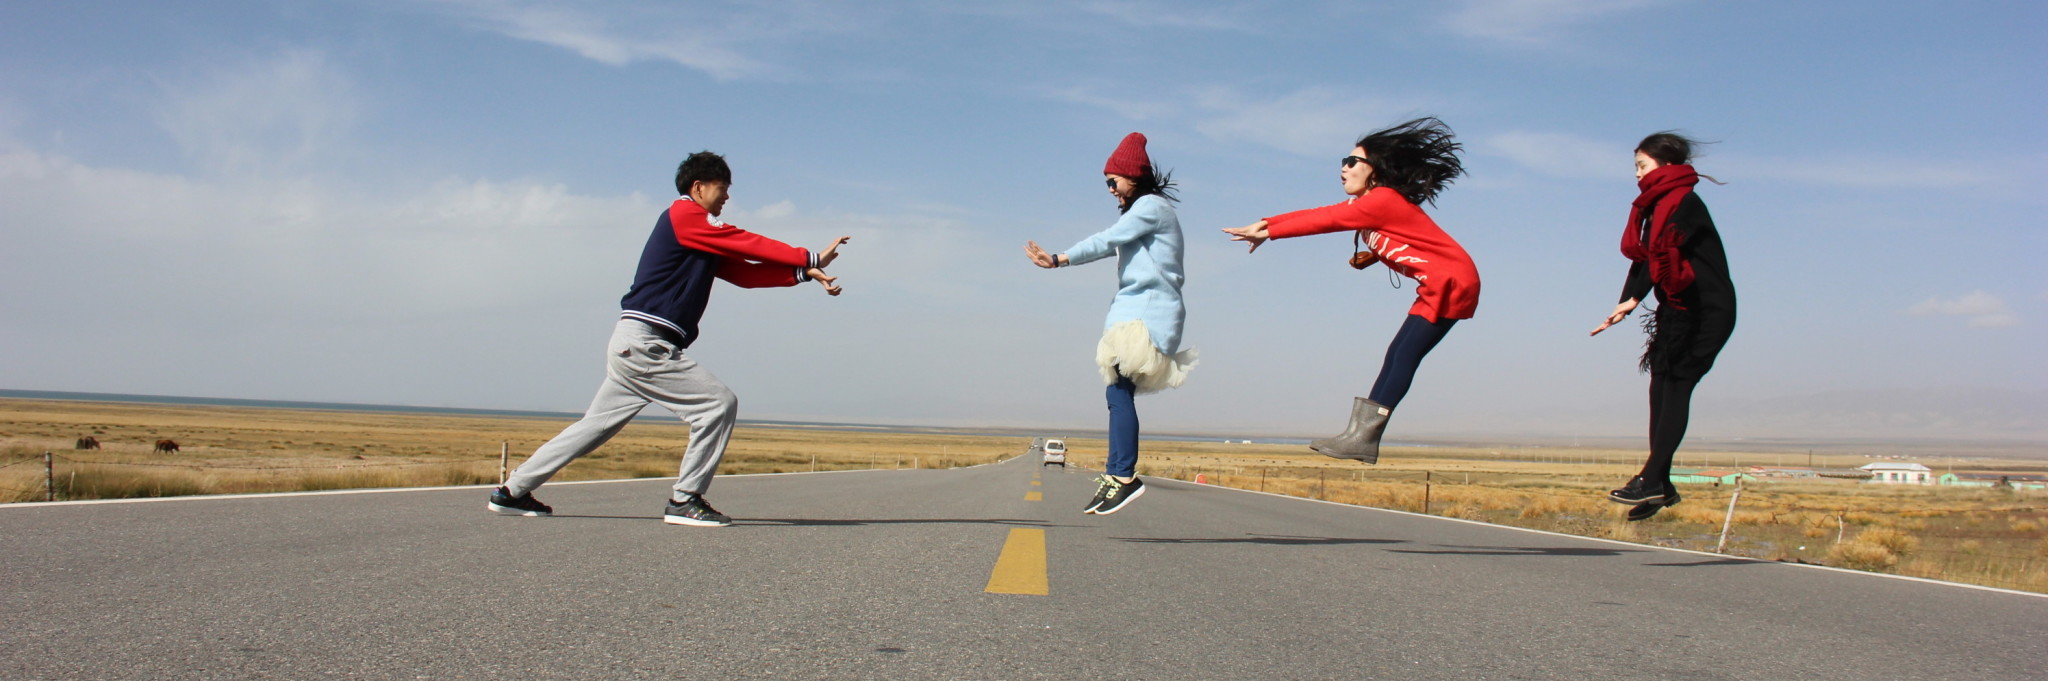 青海,公路电影的画面,青海湖自助游攻略 - 蚂蜂窝